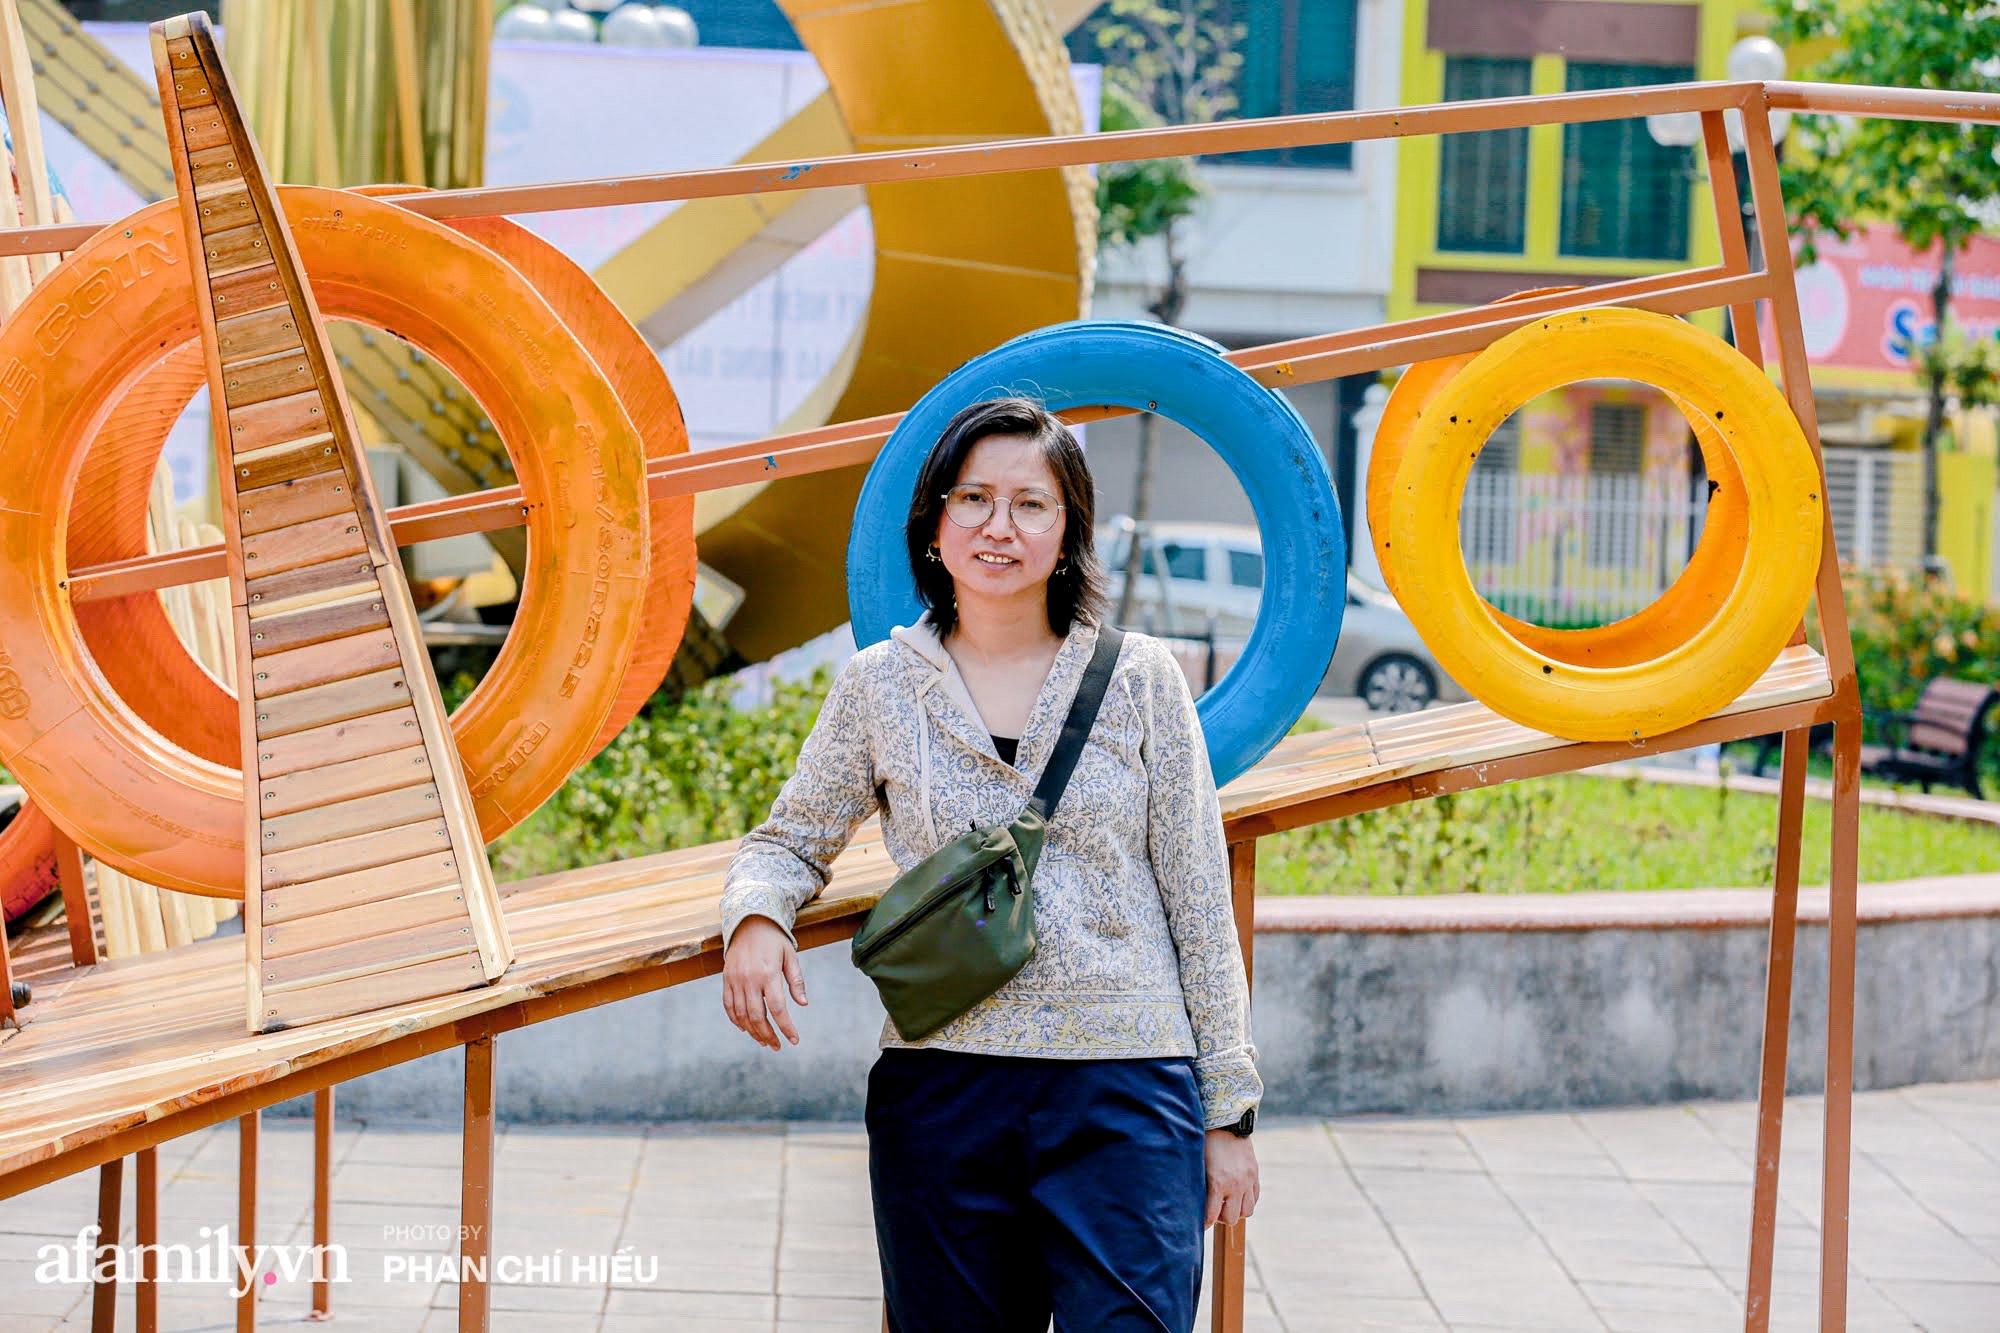 """Người Việt duy nhất lọt vào danh sách """"100 phụ nữ của năm 2020"""" trên toàn thế giới kể về cuộc gọi kỳ lạ từ phóng viên đài BBC, làm nên cột mốc quan trọng trong sự nghiệp - Ảnh 13."""